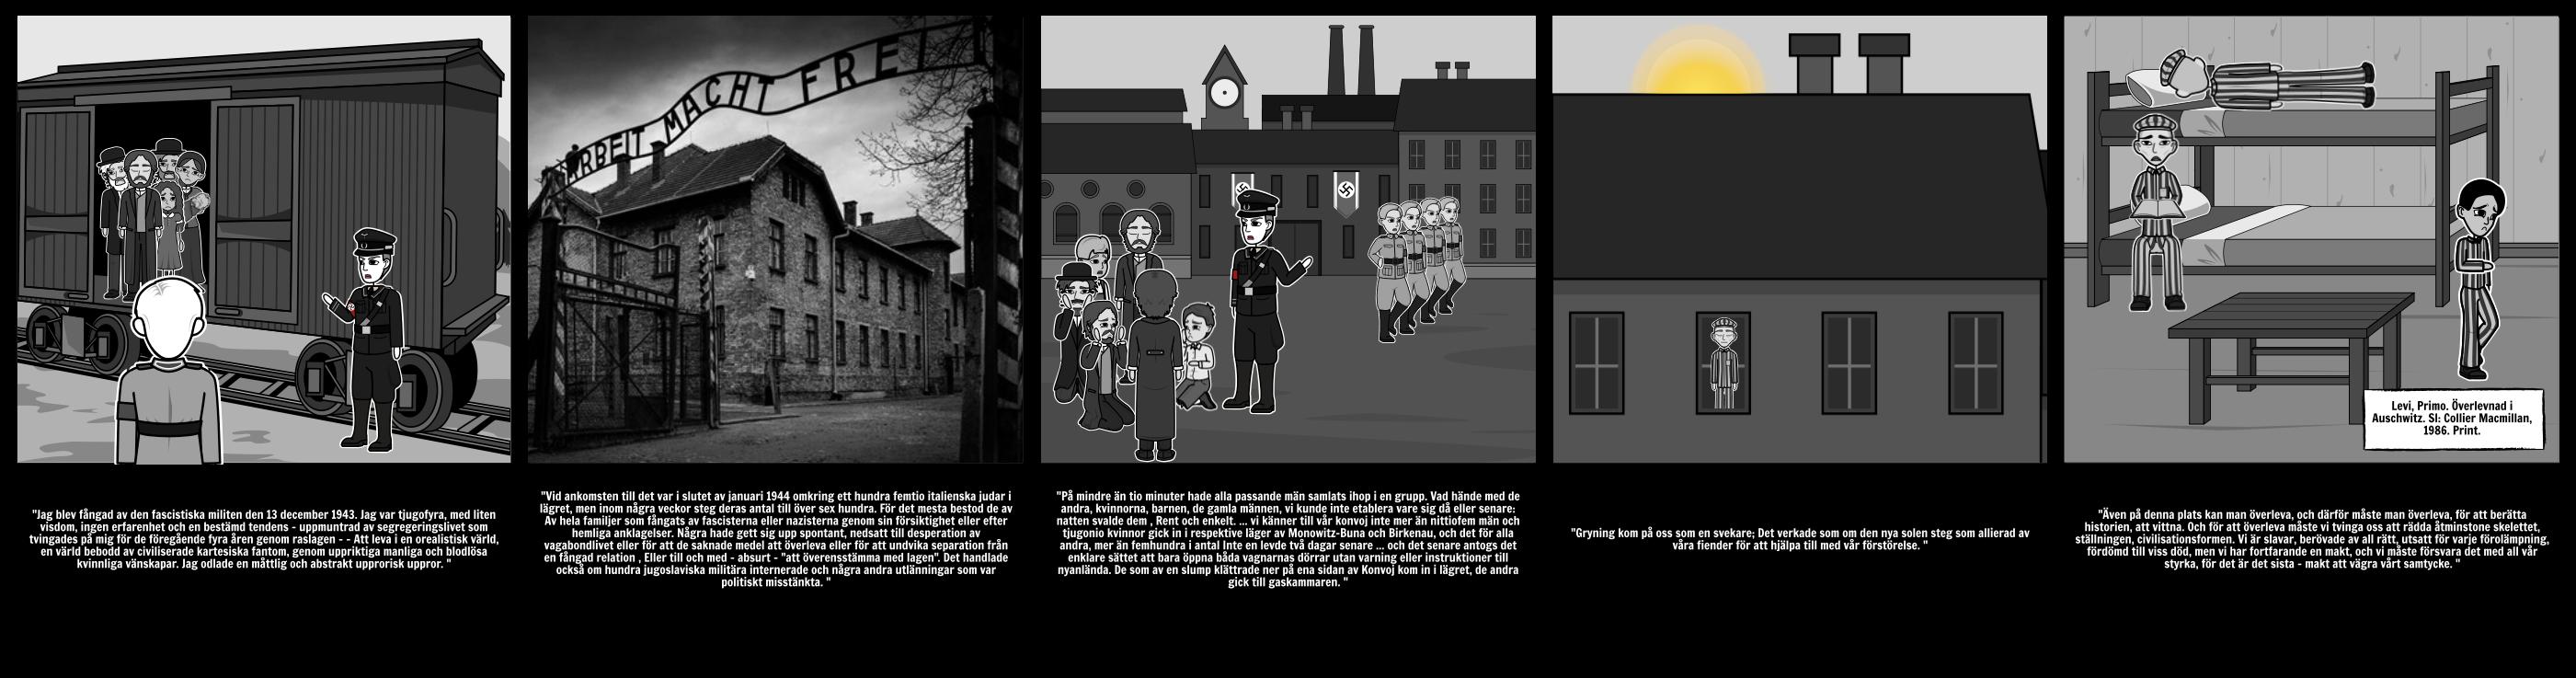 Historien om Förintelsen - Förintelsens Offer: Primo Levy